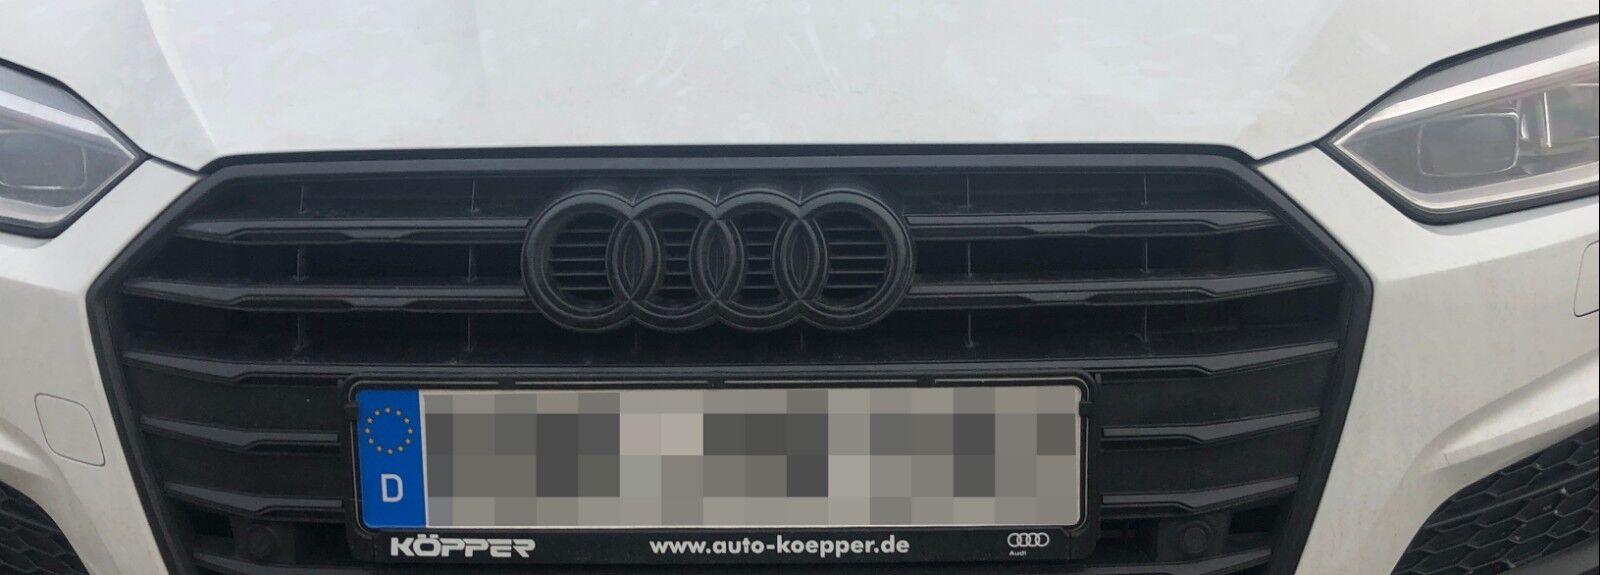 Audi A1 Ringe Emblem vorne hinten schwarz glänzend